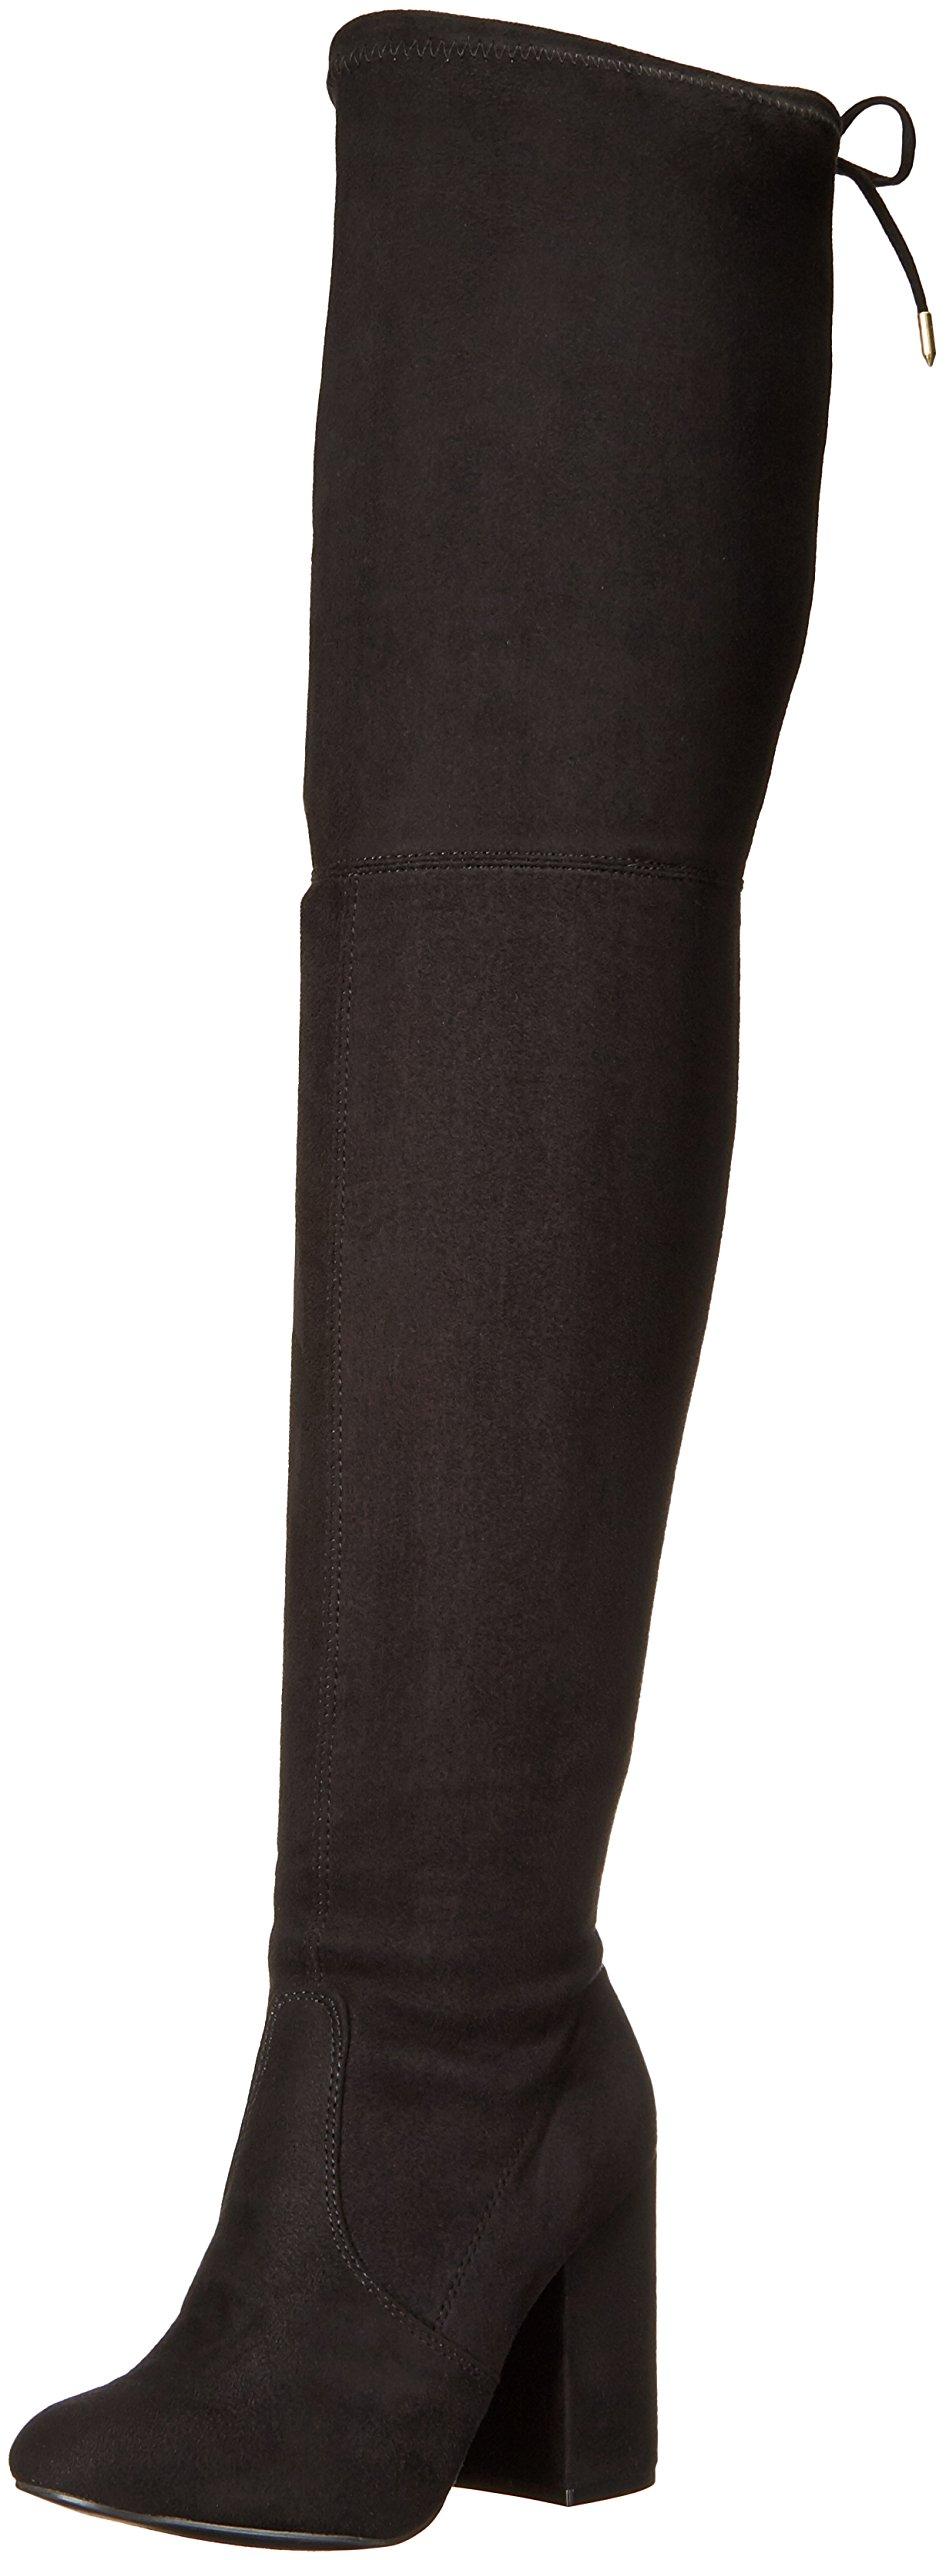 Steve Madden Women's Norri Harness Boot, Black, 6.5 M US by Steve Madden